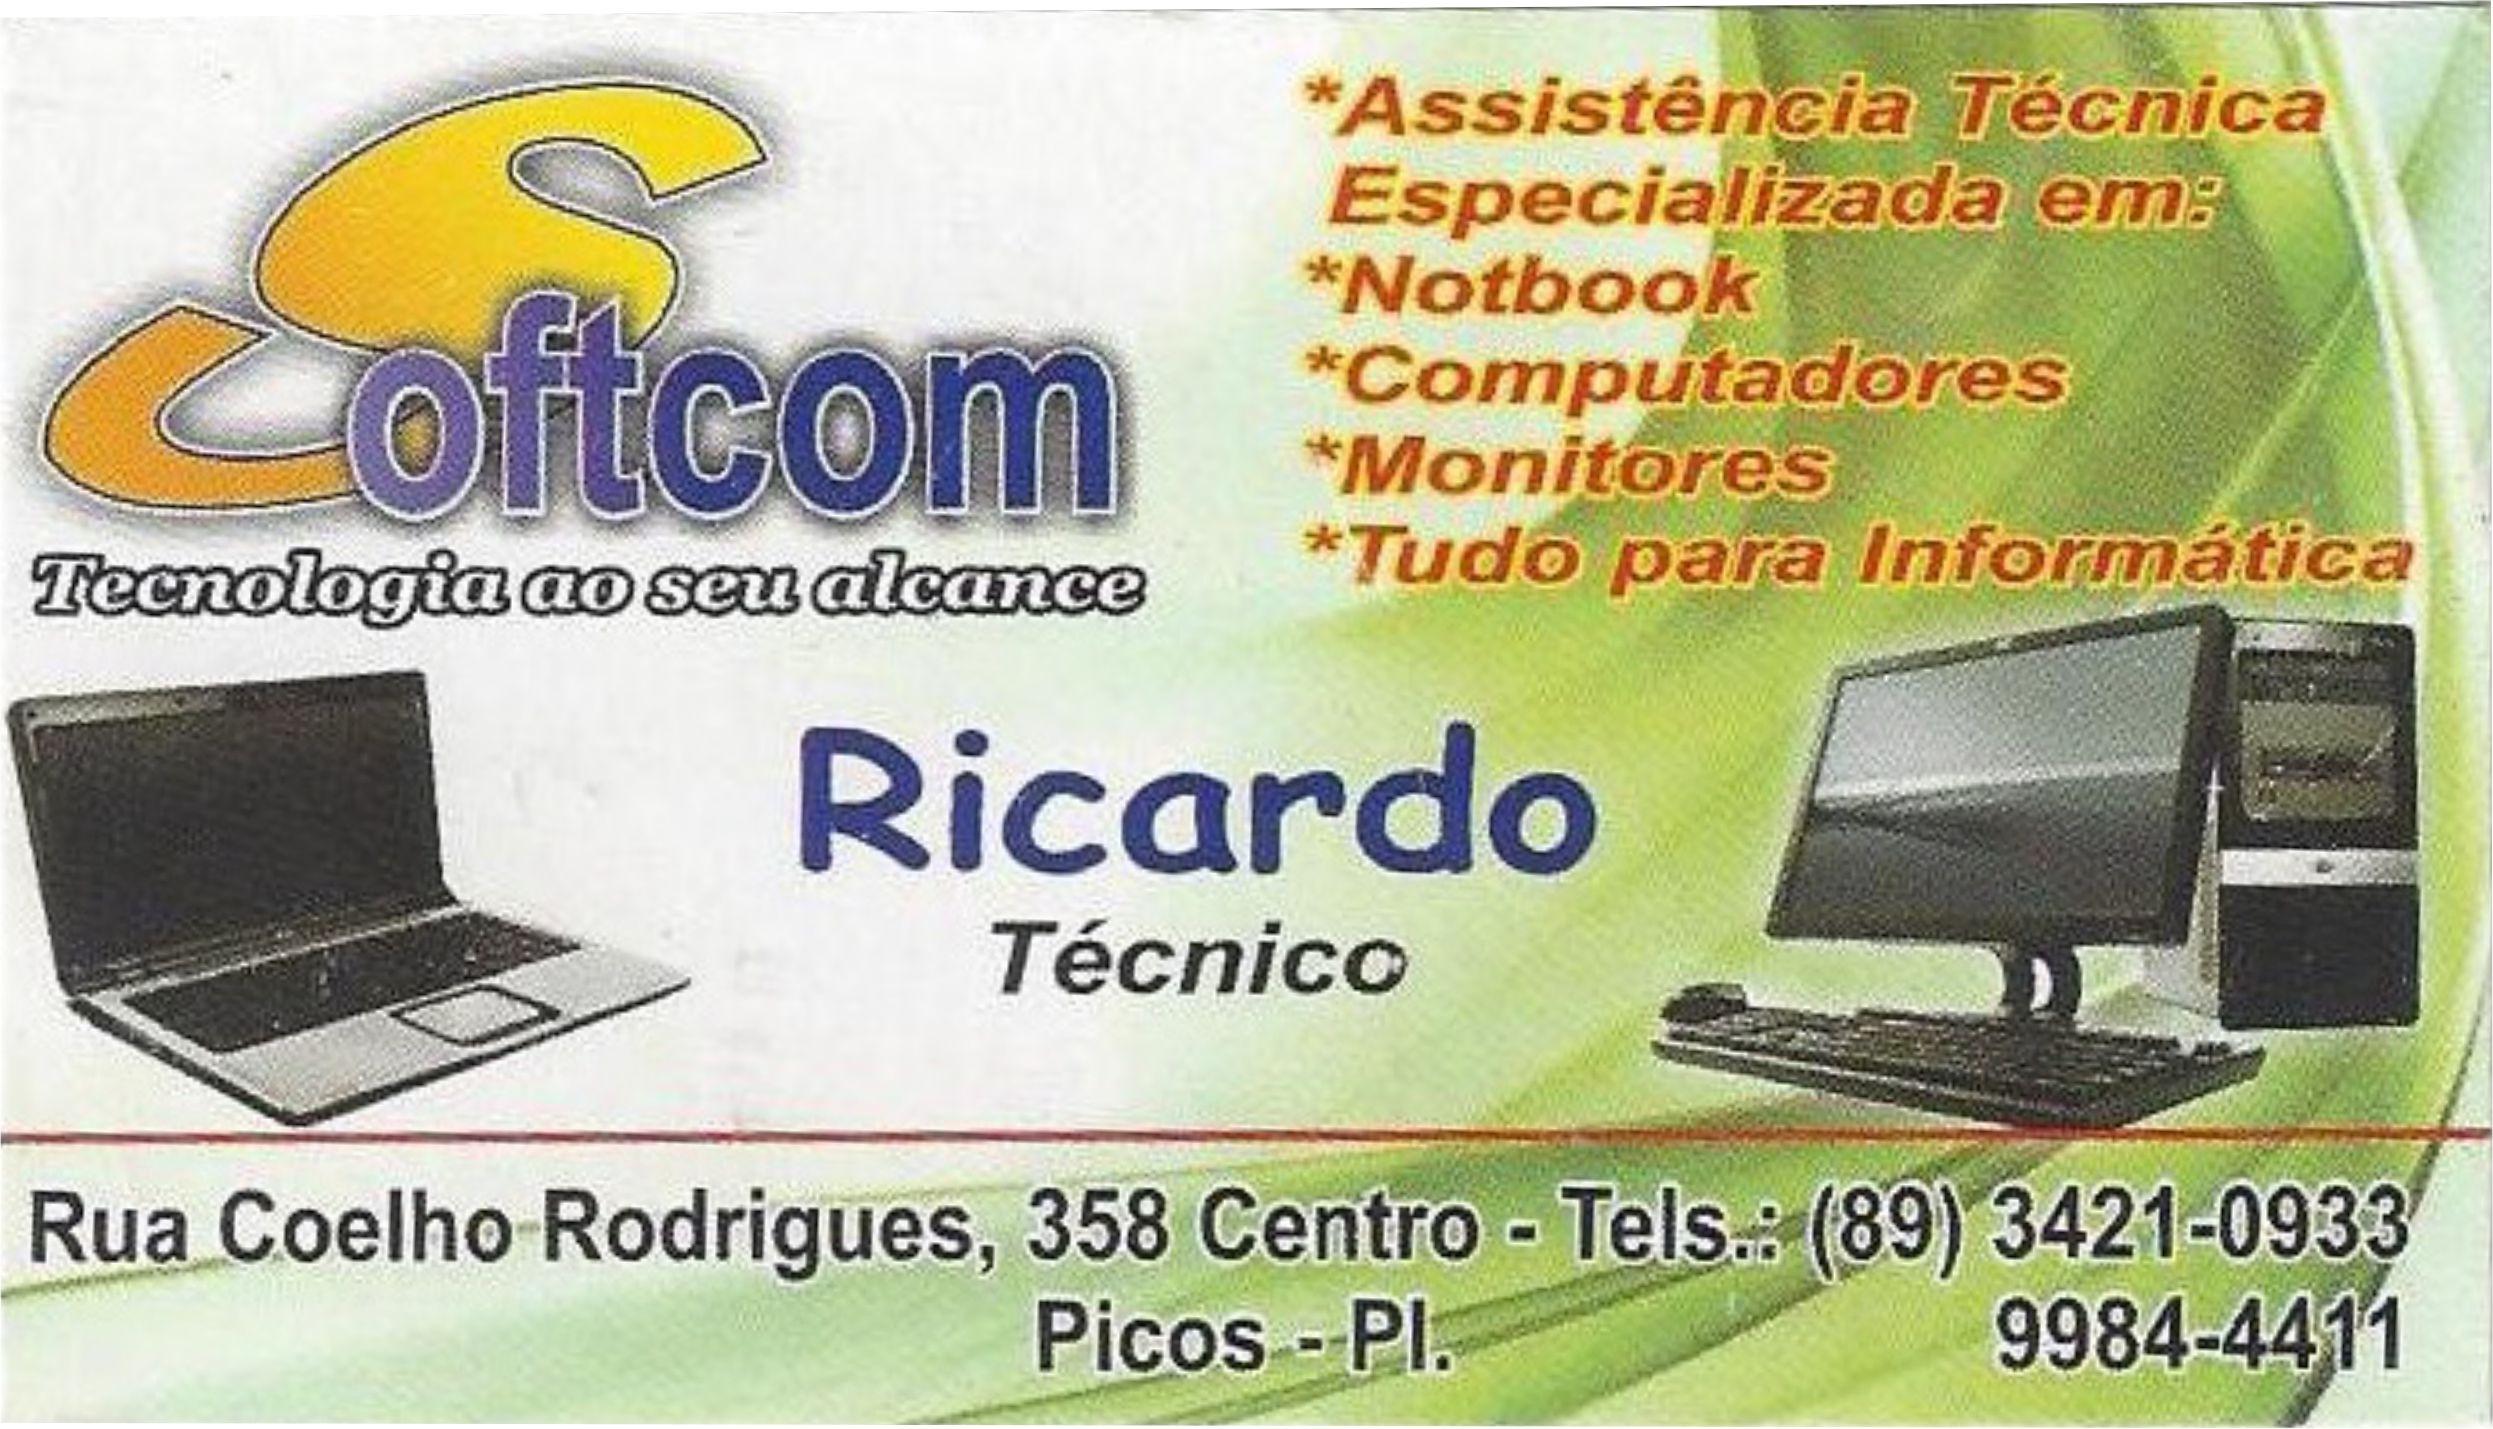 Softcom.jpg